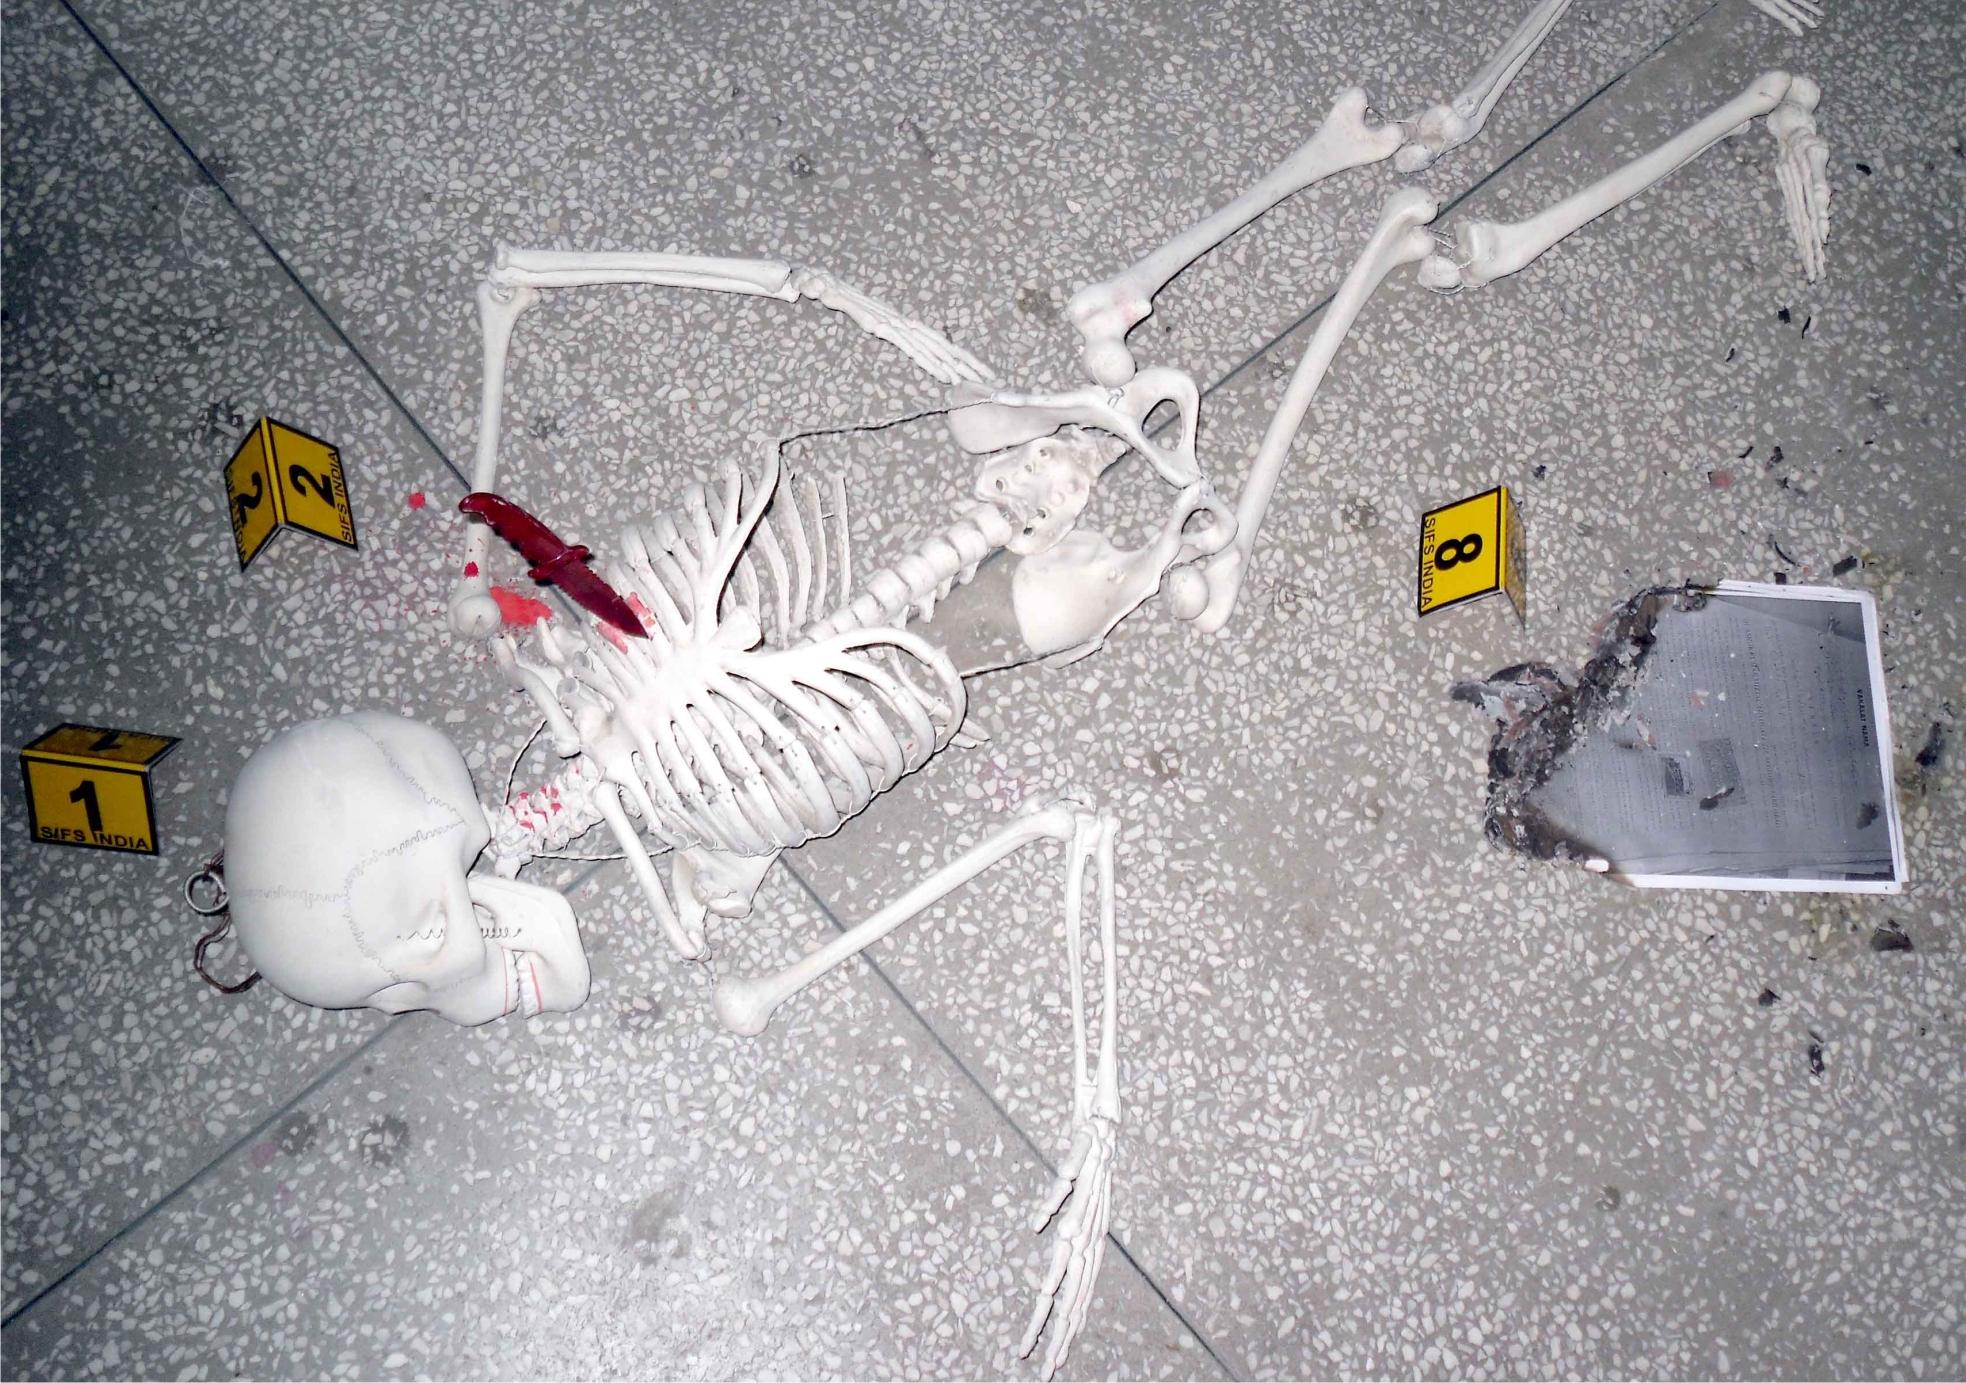 Indoor Crime Scene Investigation 2012